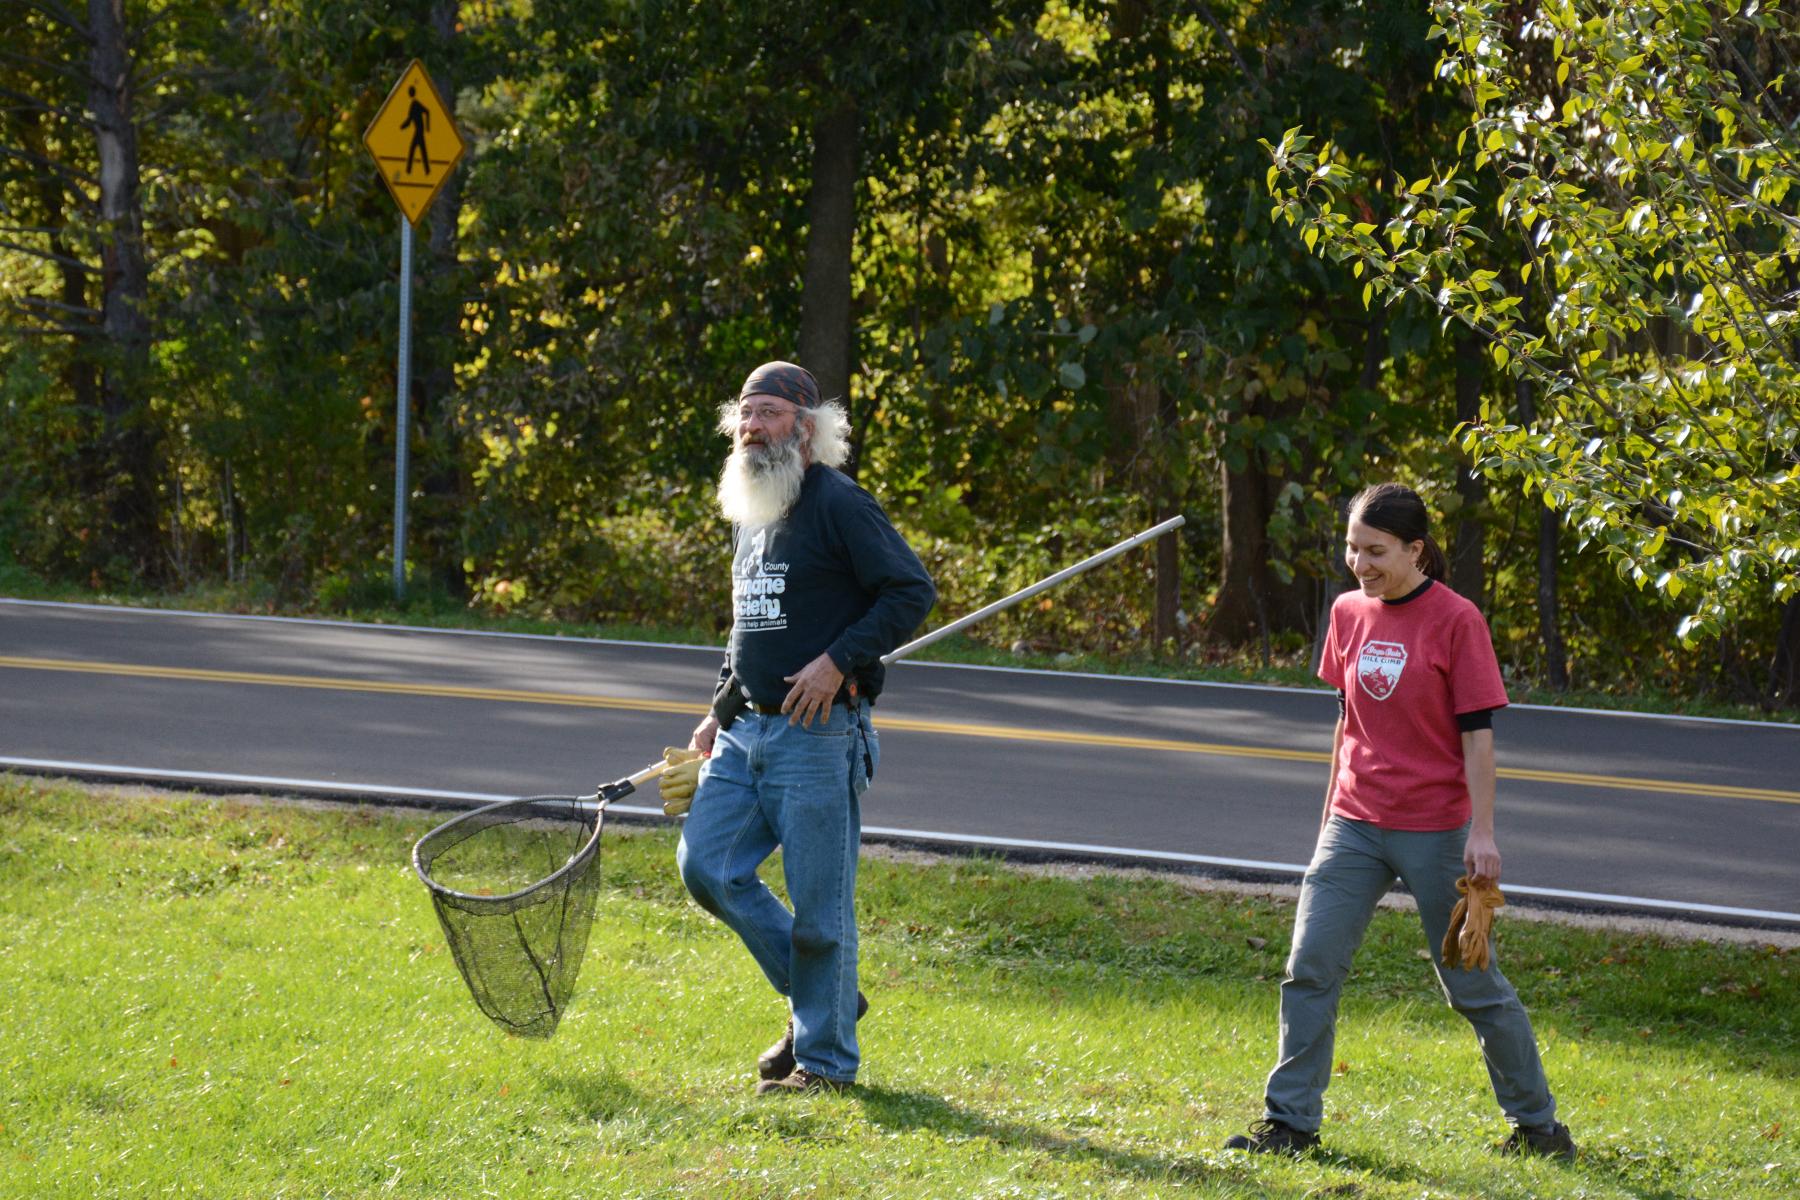 2016-10-14-arboretum-redtailedhawk5